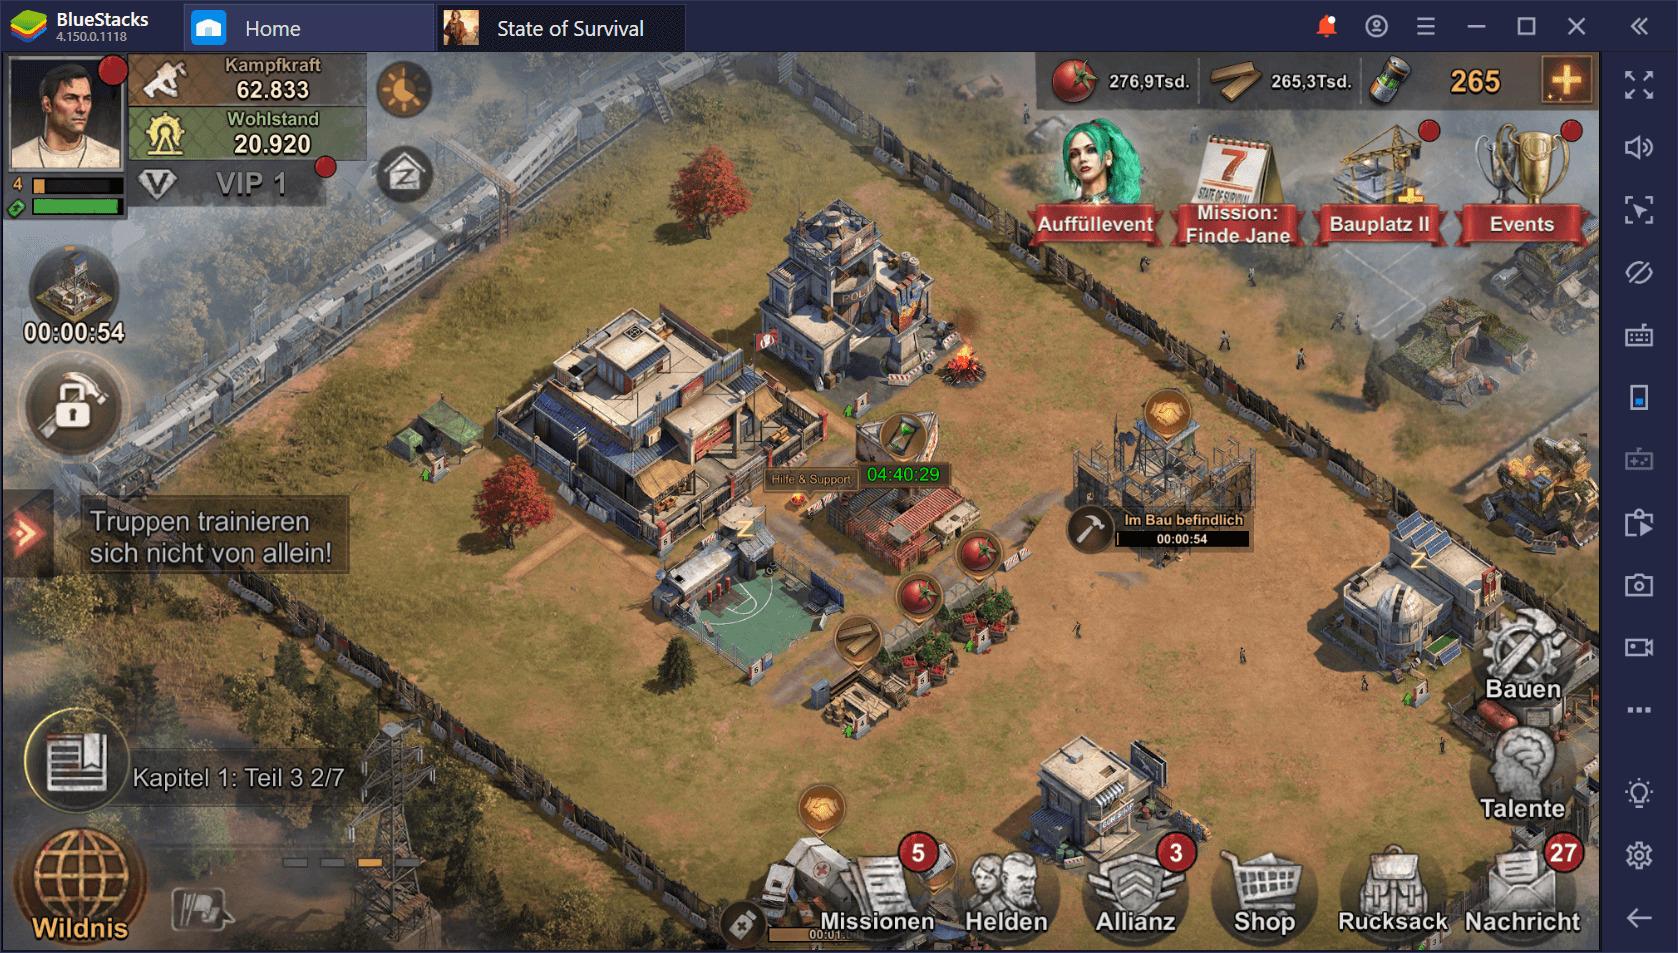 Helden in State of Survival auf dem PC: Ein Guide zu den besten Helden im Spiel